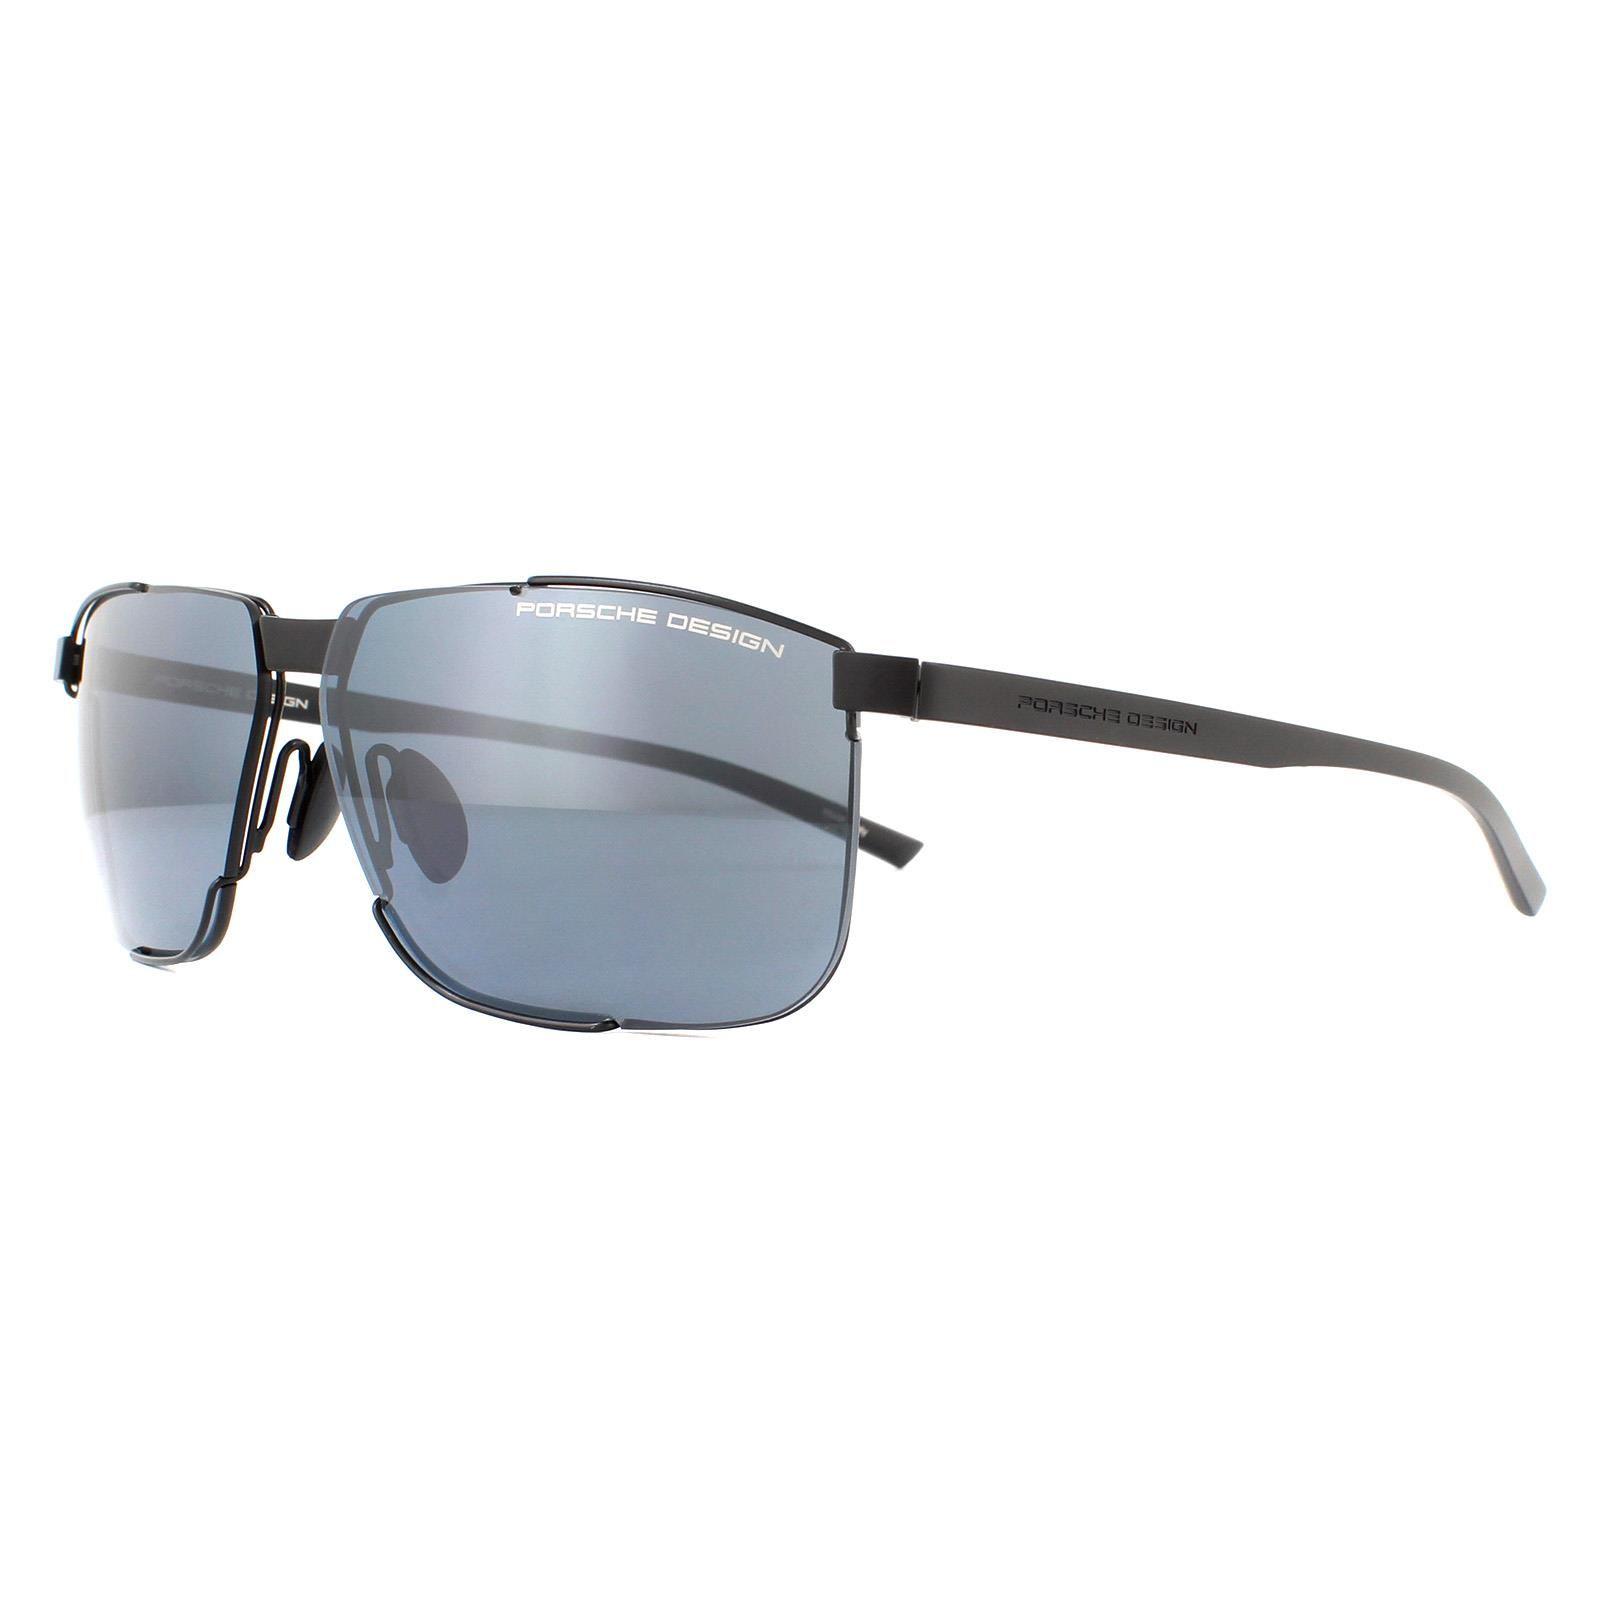 Porsche Design Sunglasses P8680 A Black Black Blue Silver Mirror